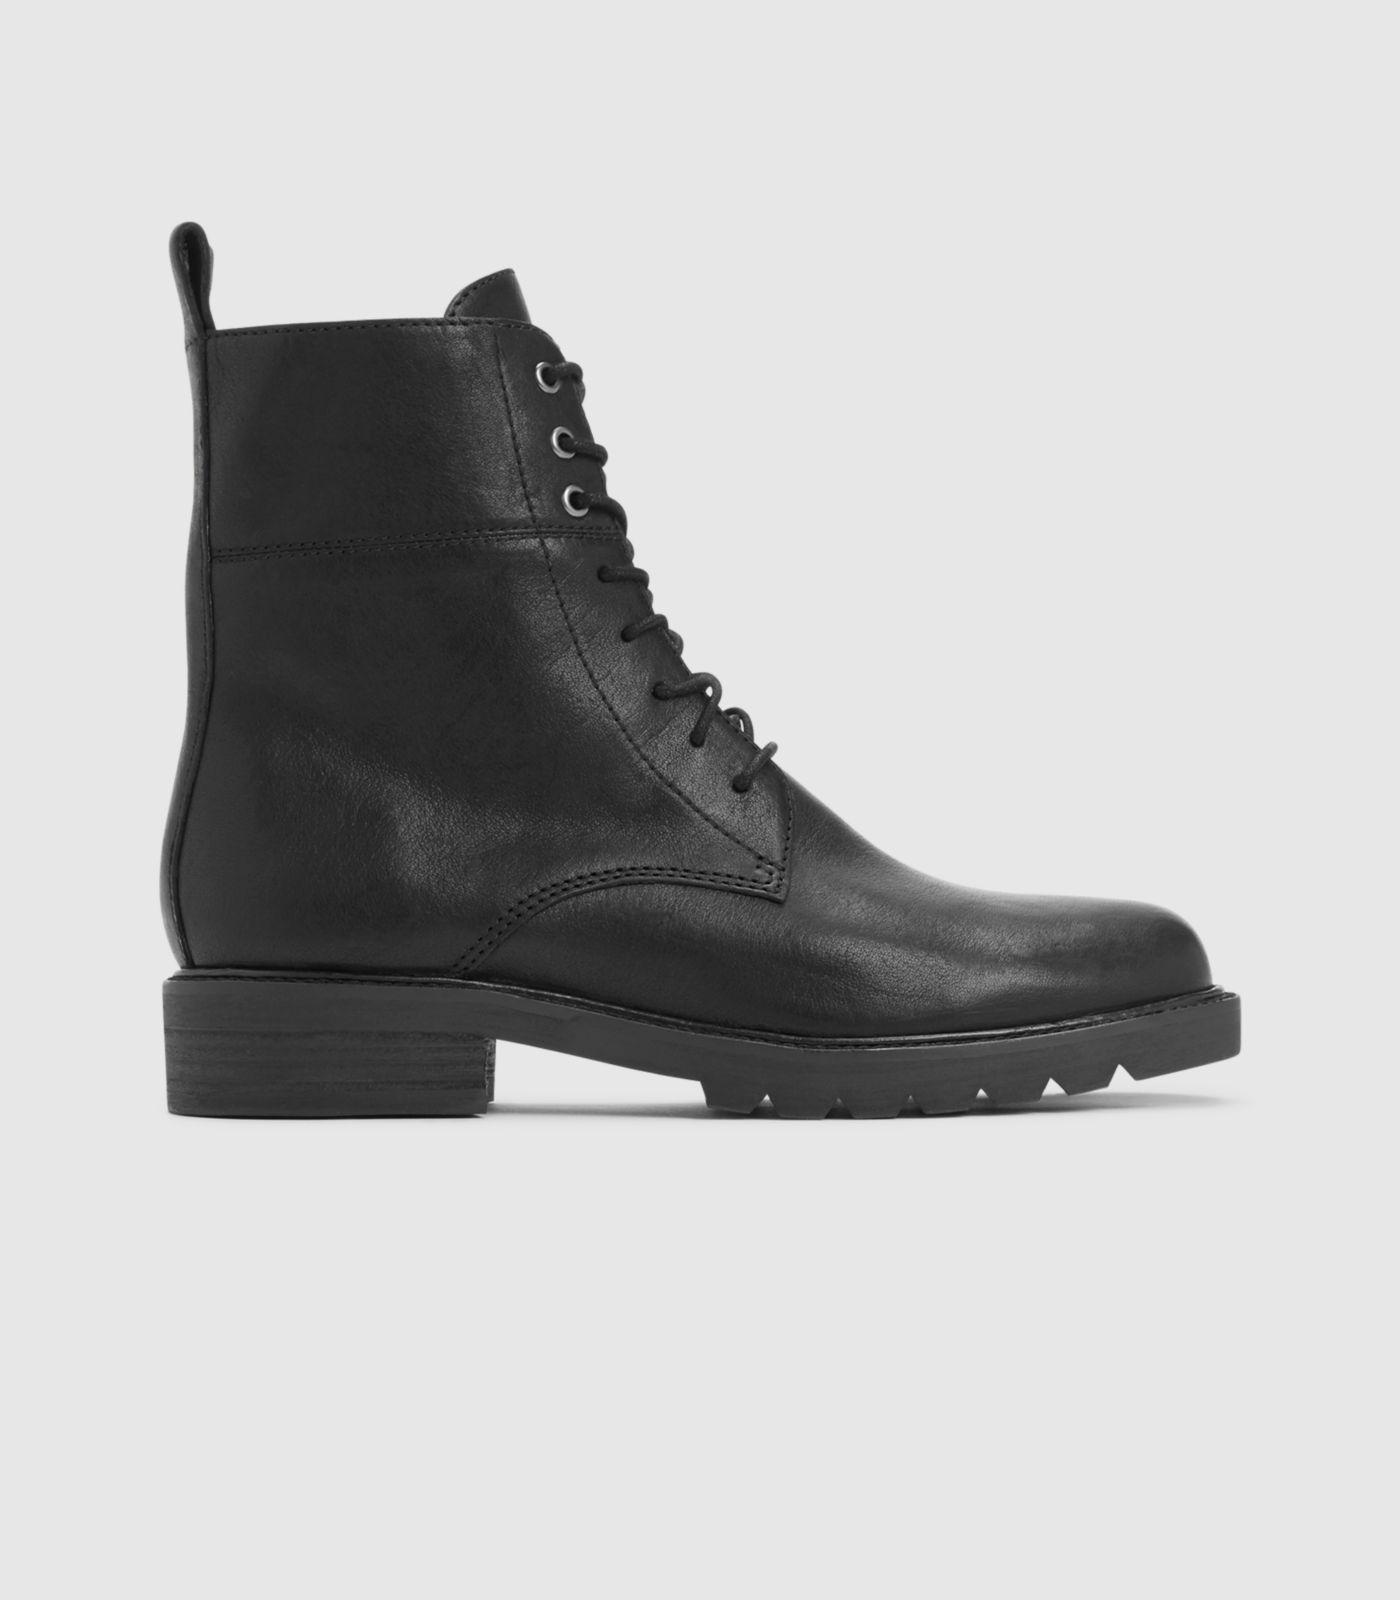 bbba07fe7067 Lyst - Eileen Fisher Ripley Italian Leather Ankle Boot in Black